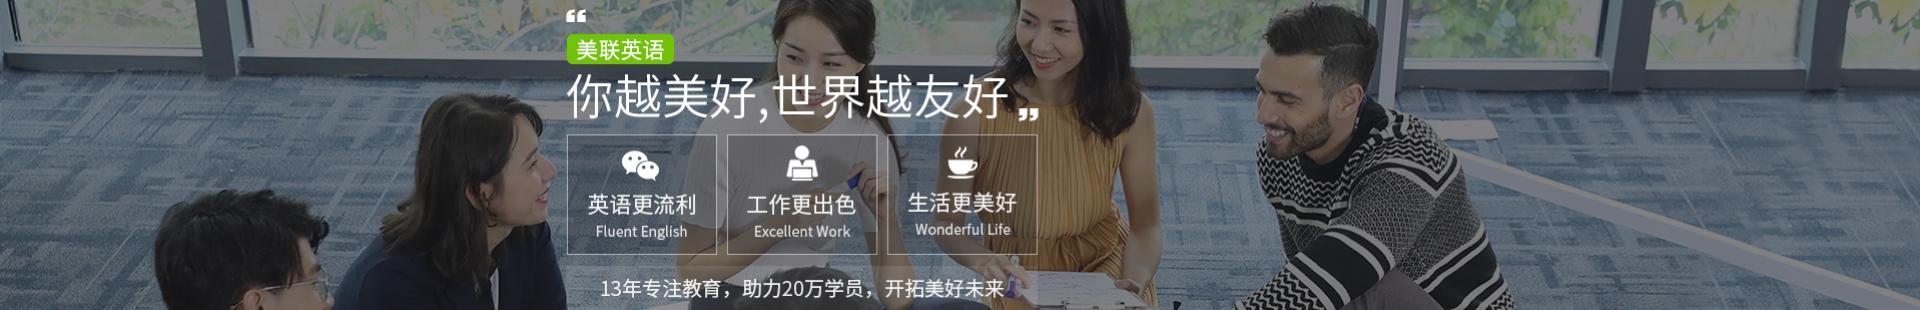 北京美联英语培训